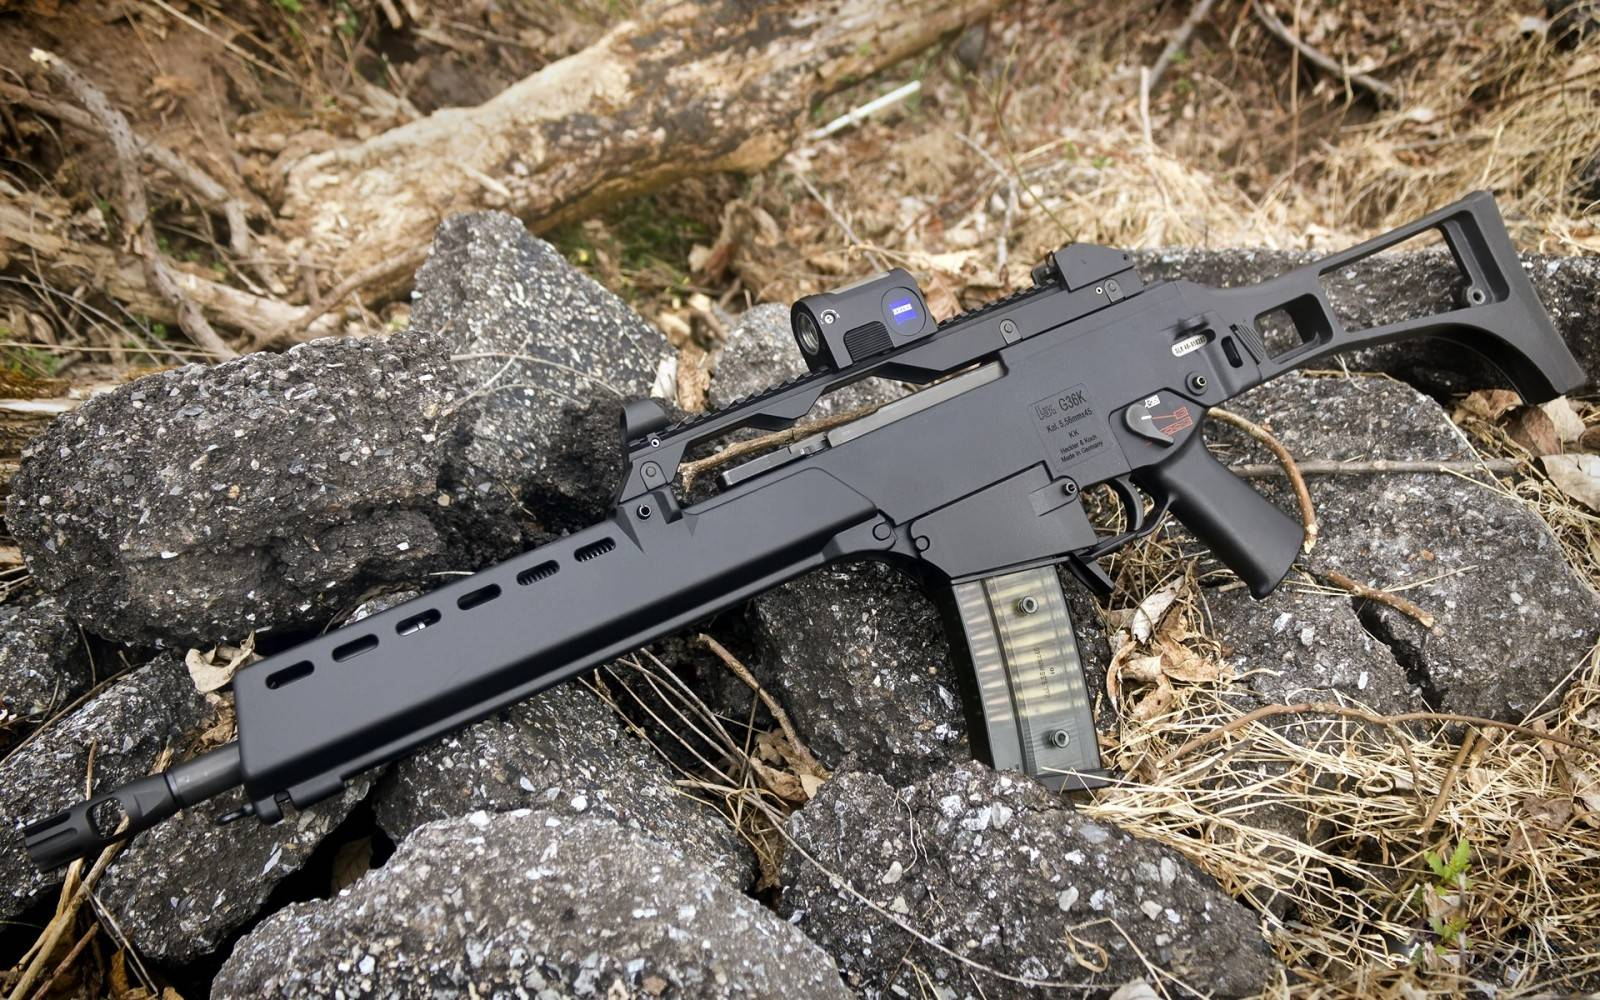 Штурмгевер длябундесвера, иликогда же немцы примут навооружение новую винтовку